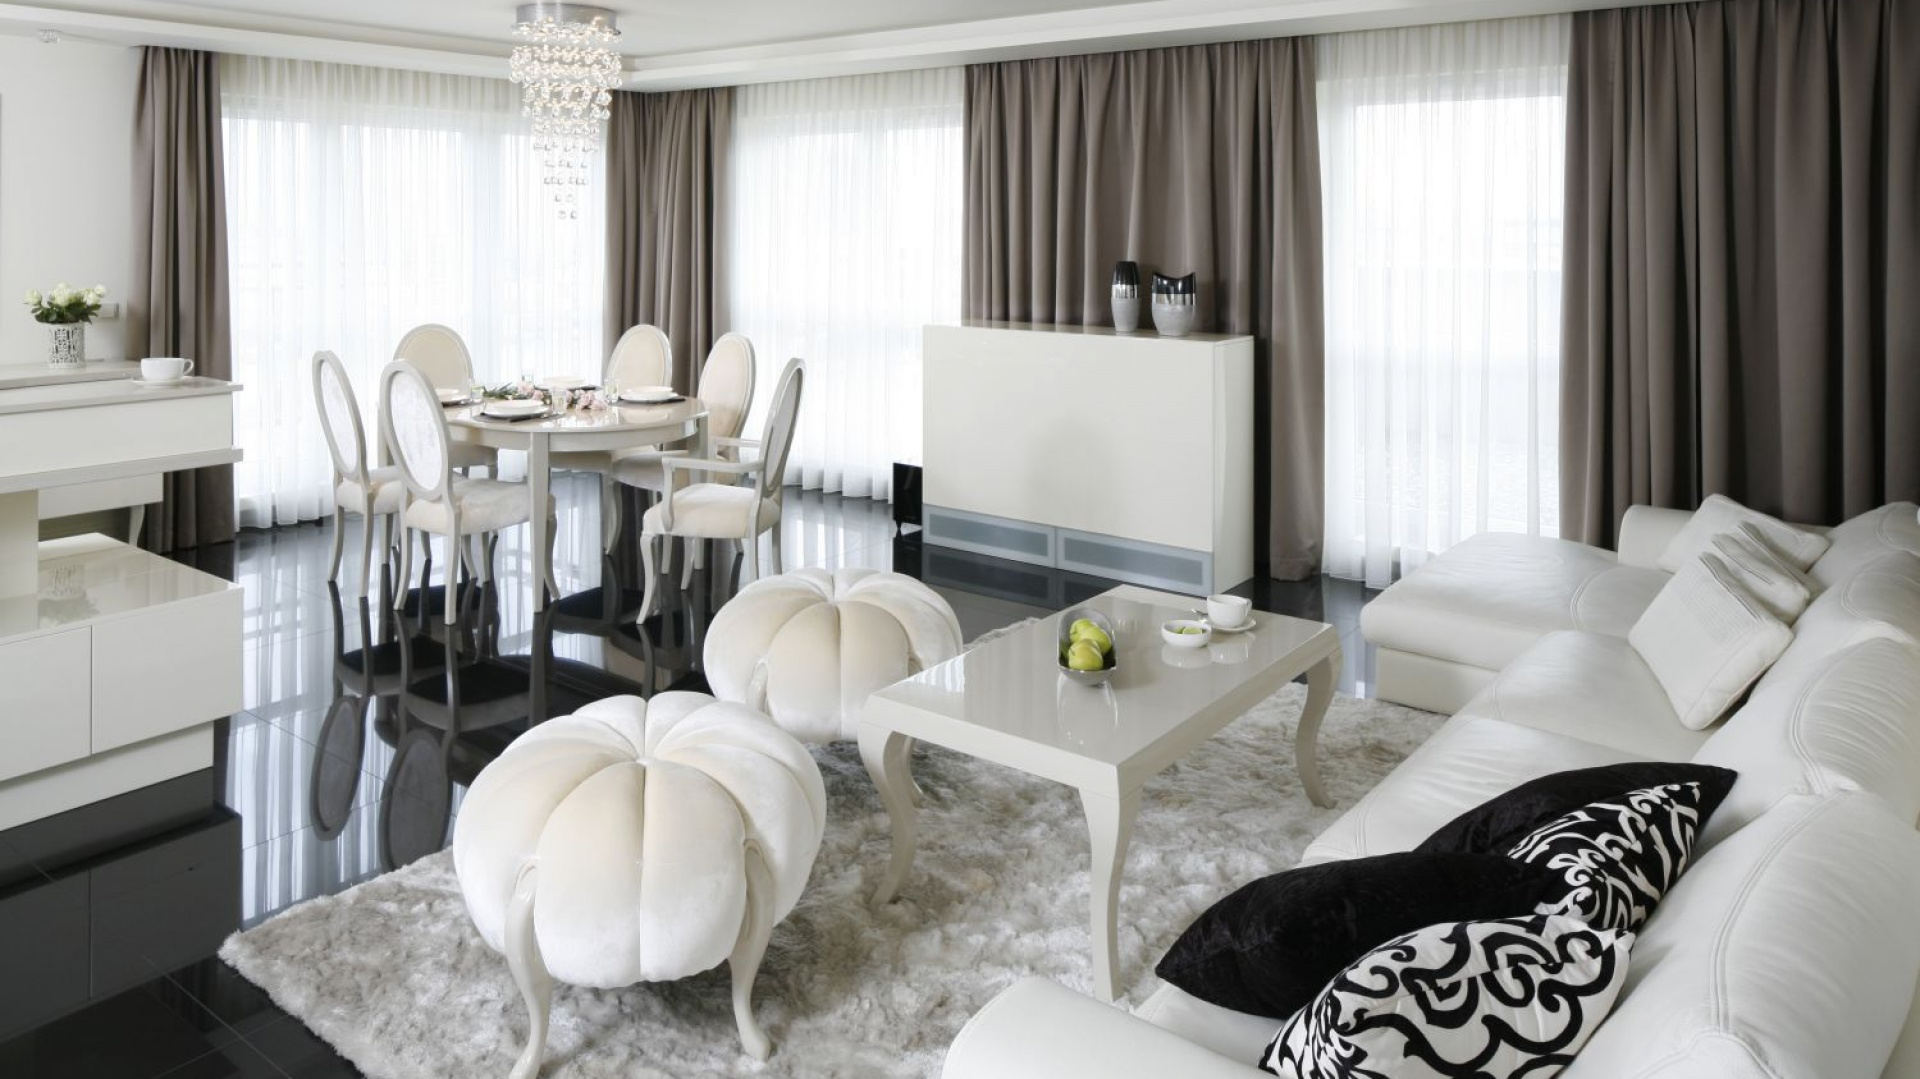 Elegancki salon urządzono w stonowanych barwach zamkniętych w piękne, klasycyzujące formy. Projekt: Katarzyna Uszok. Fot. Bartosz Jarosz